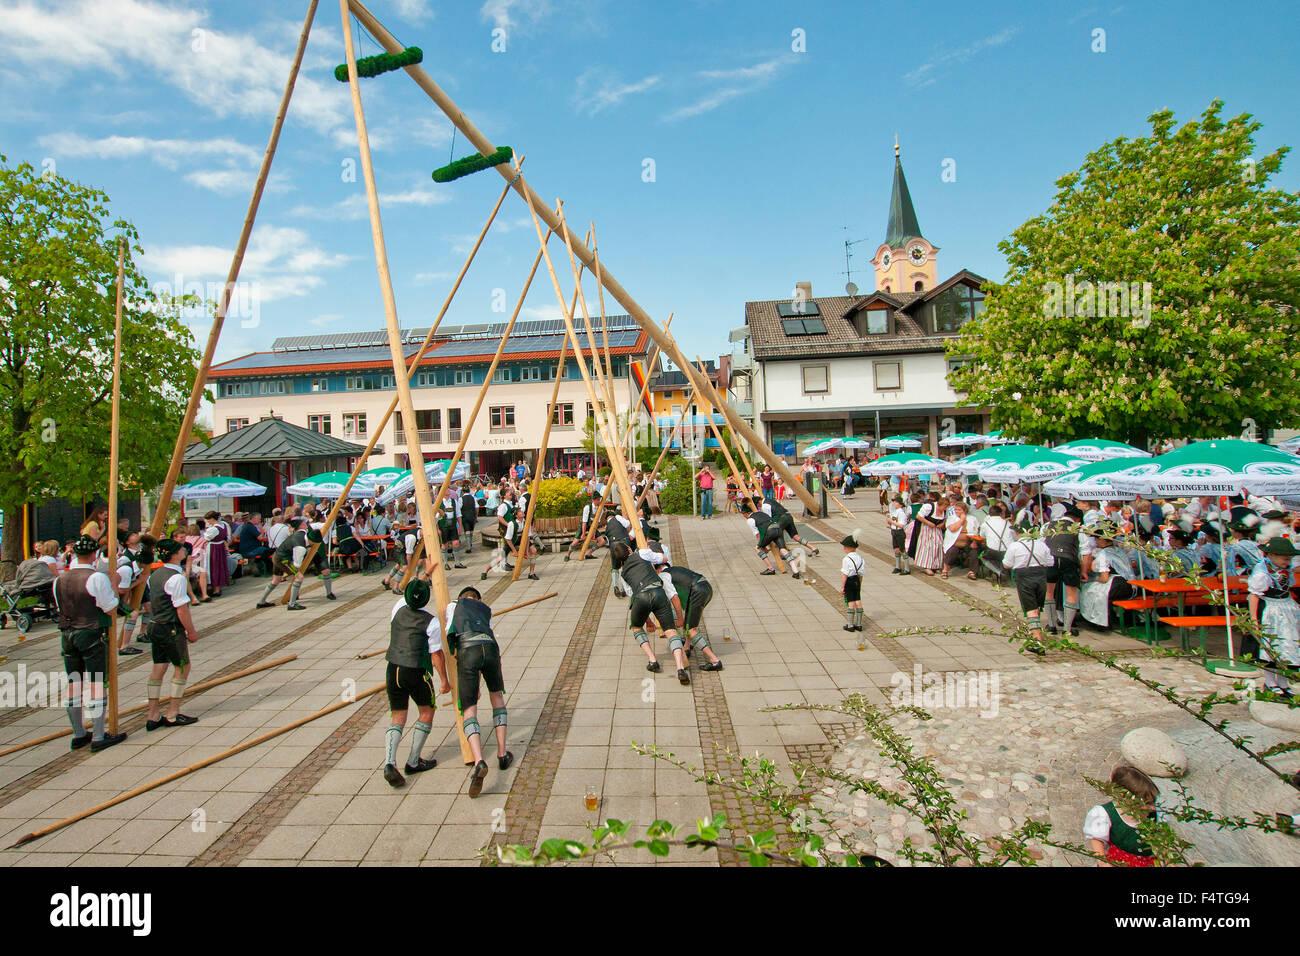 Deutschland, Bayern, Upper Bavaria, Brauch, Tradition, Teisendorf, Marktplatz, Berchtesgadener Land, Sitten, Mai, Stockbild